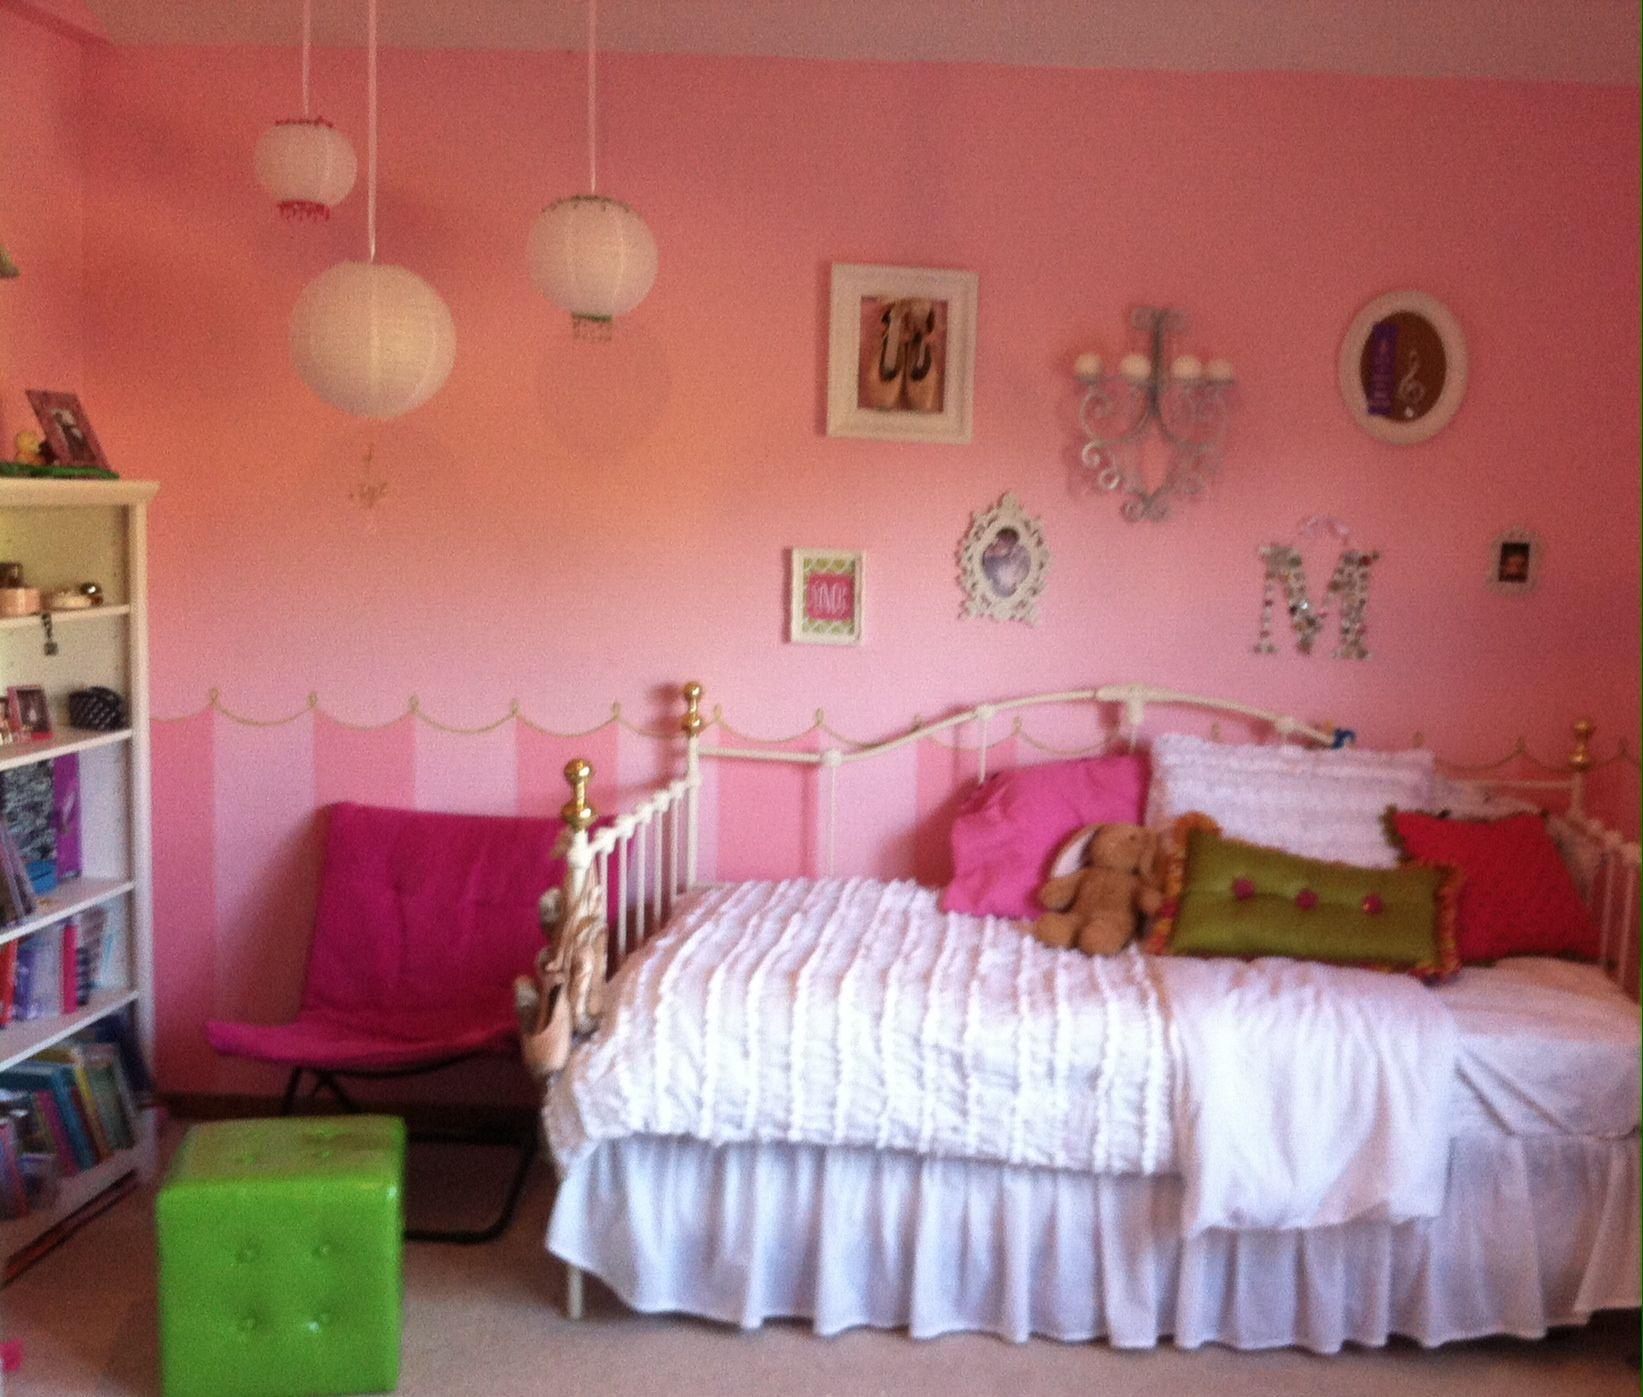 My Bedroom: My Bedroom. #teen #girl #room